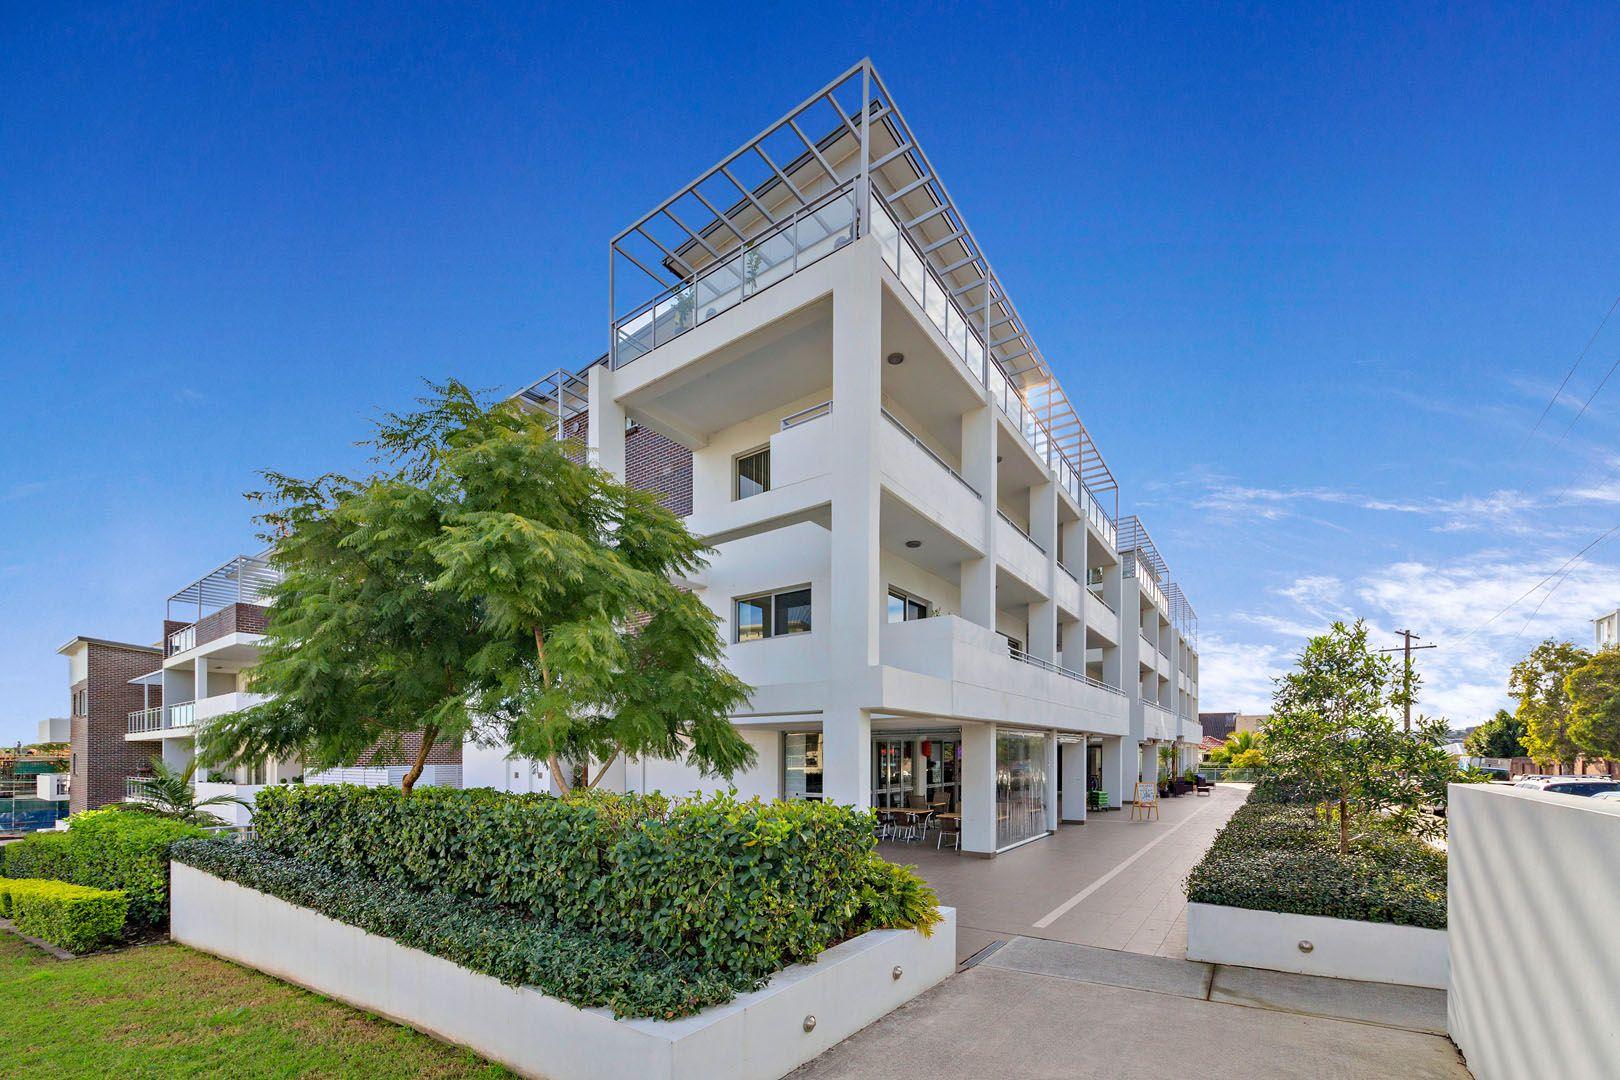 1/100 TENNYSON RD, Mortlake NSW 2137, Image 0